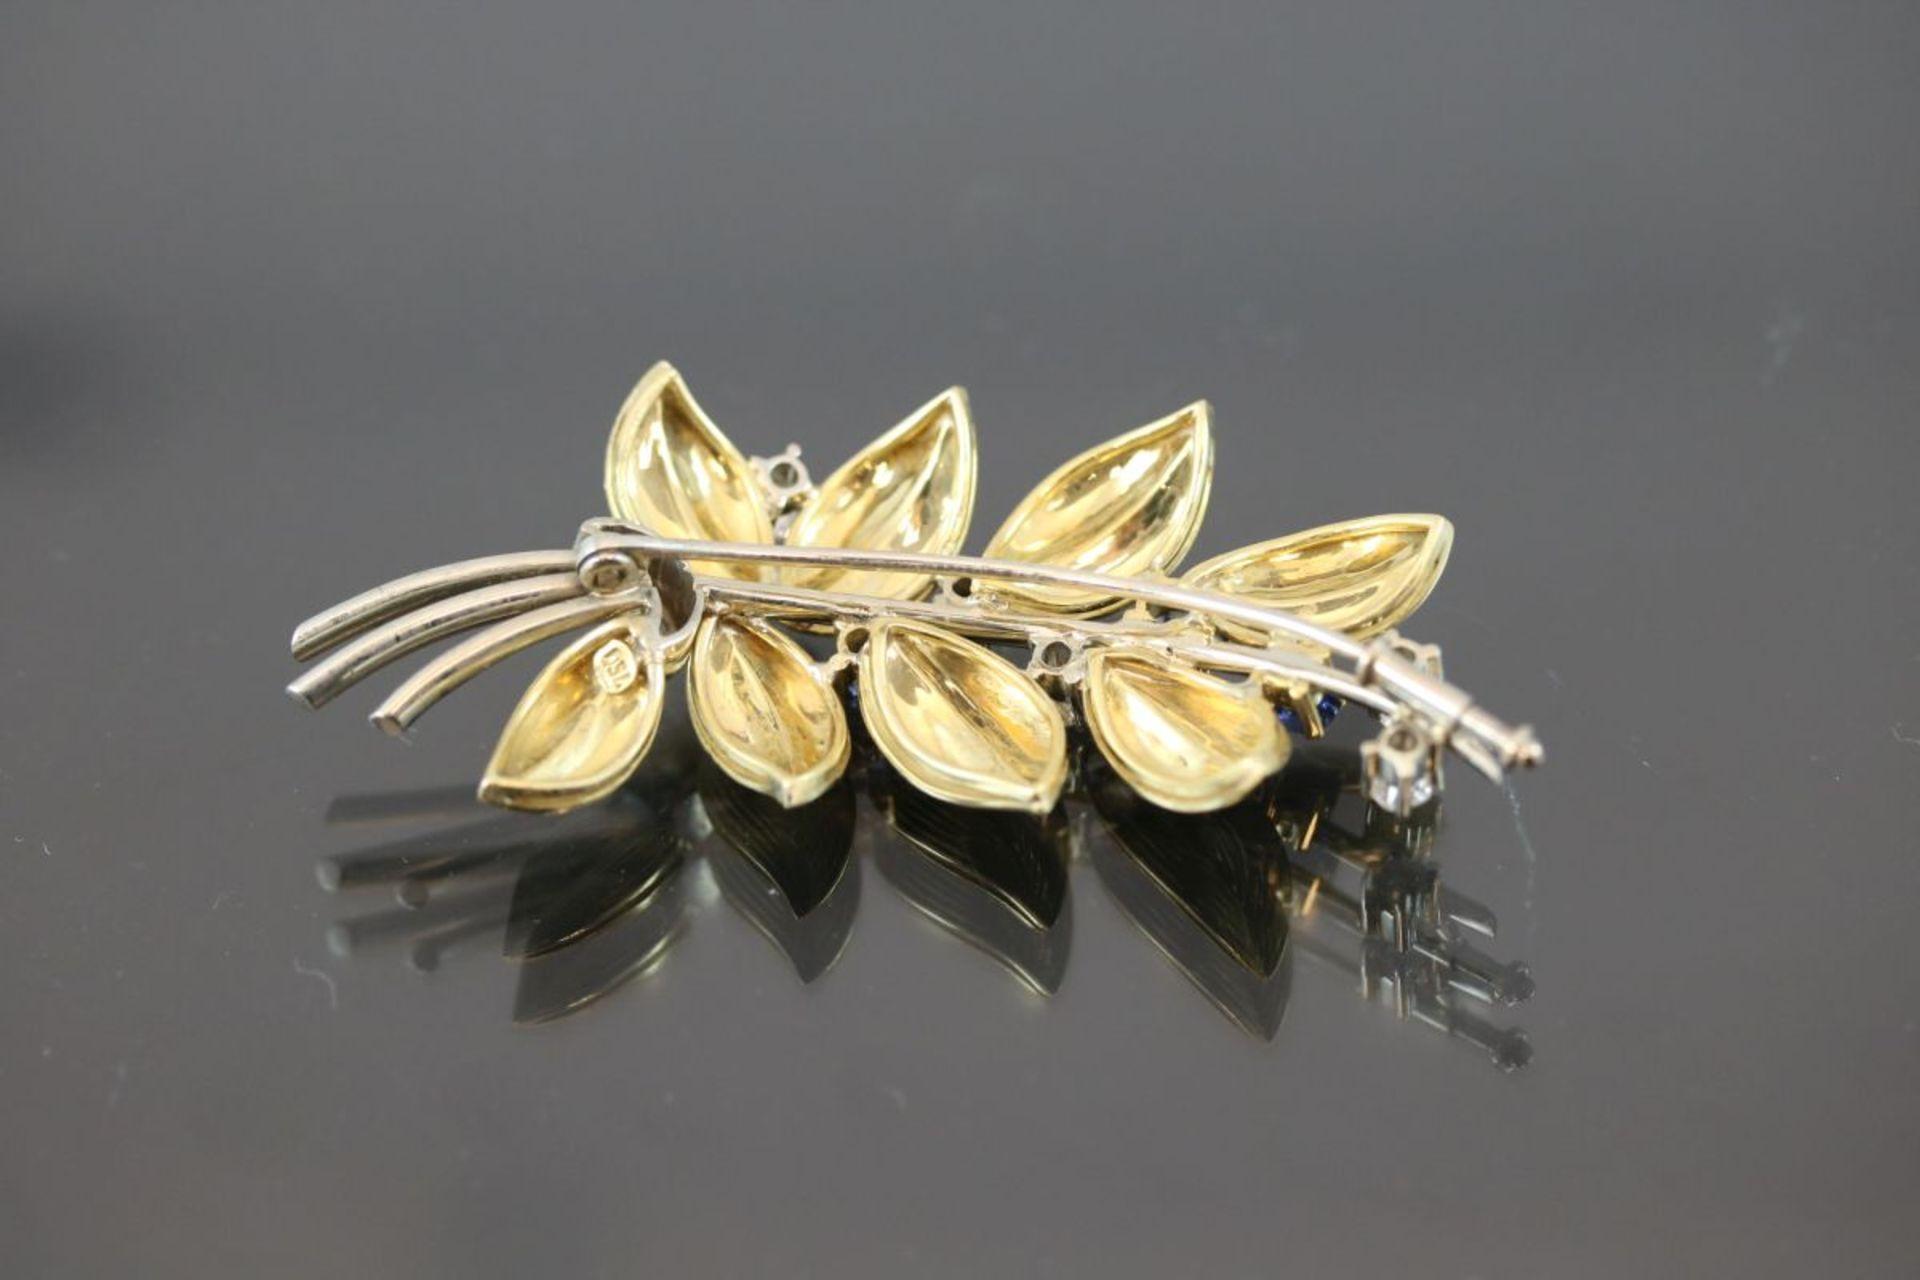 Saphir-Diamant-Brosche, 750 Gold15,6 Gramm 6 Diamanten, ca. 0,60 ct., tc/p1. Schätzpreis: 2000,- - Bild 2 aus 3